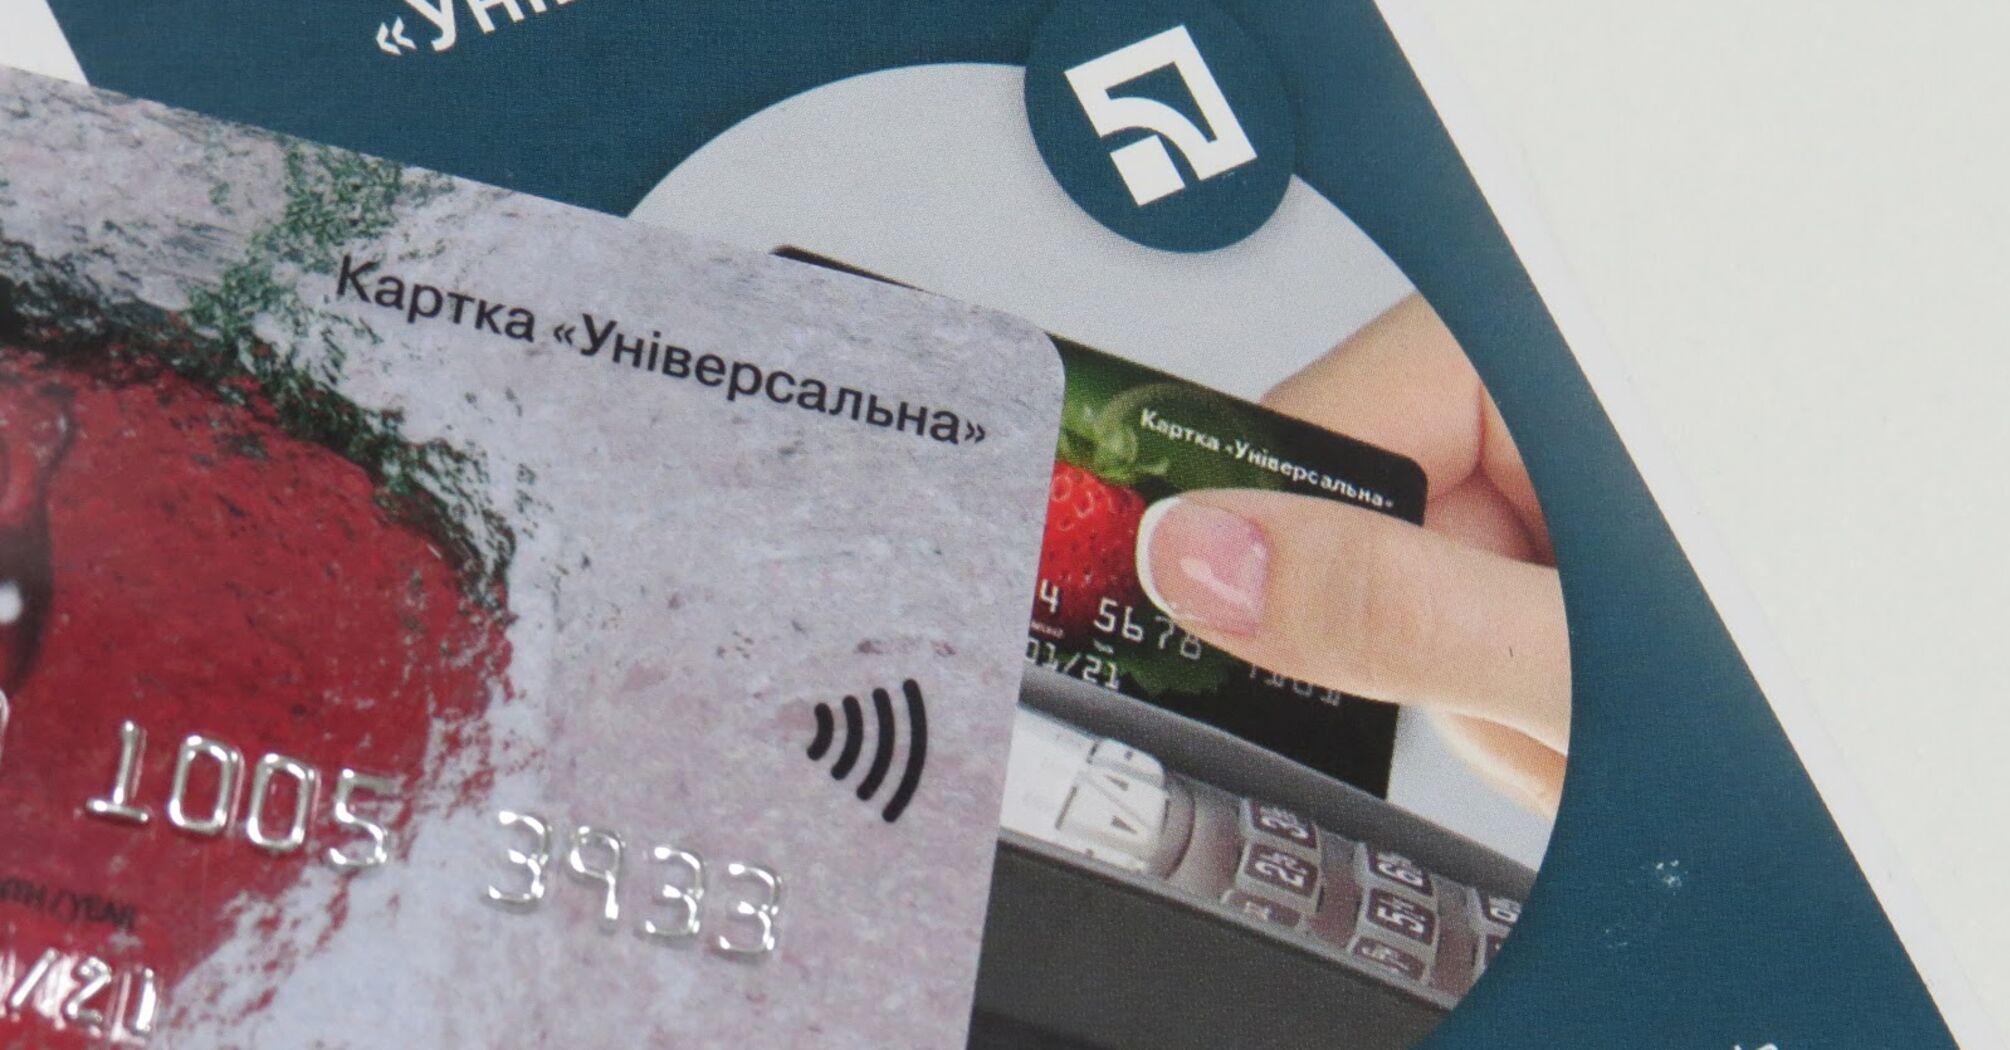 какой лимит кредитной карты dota